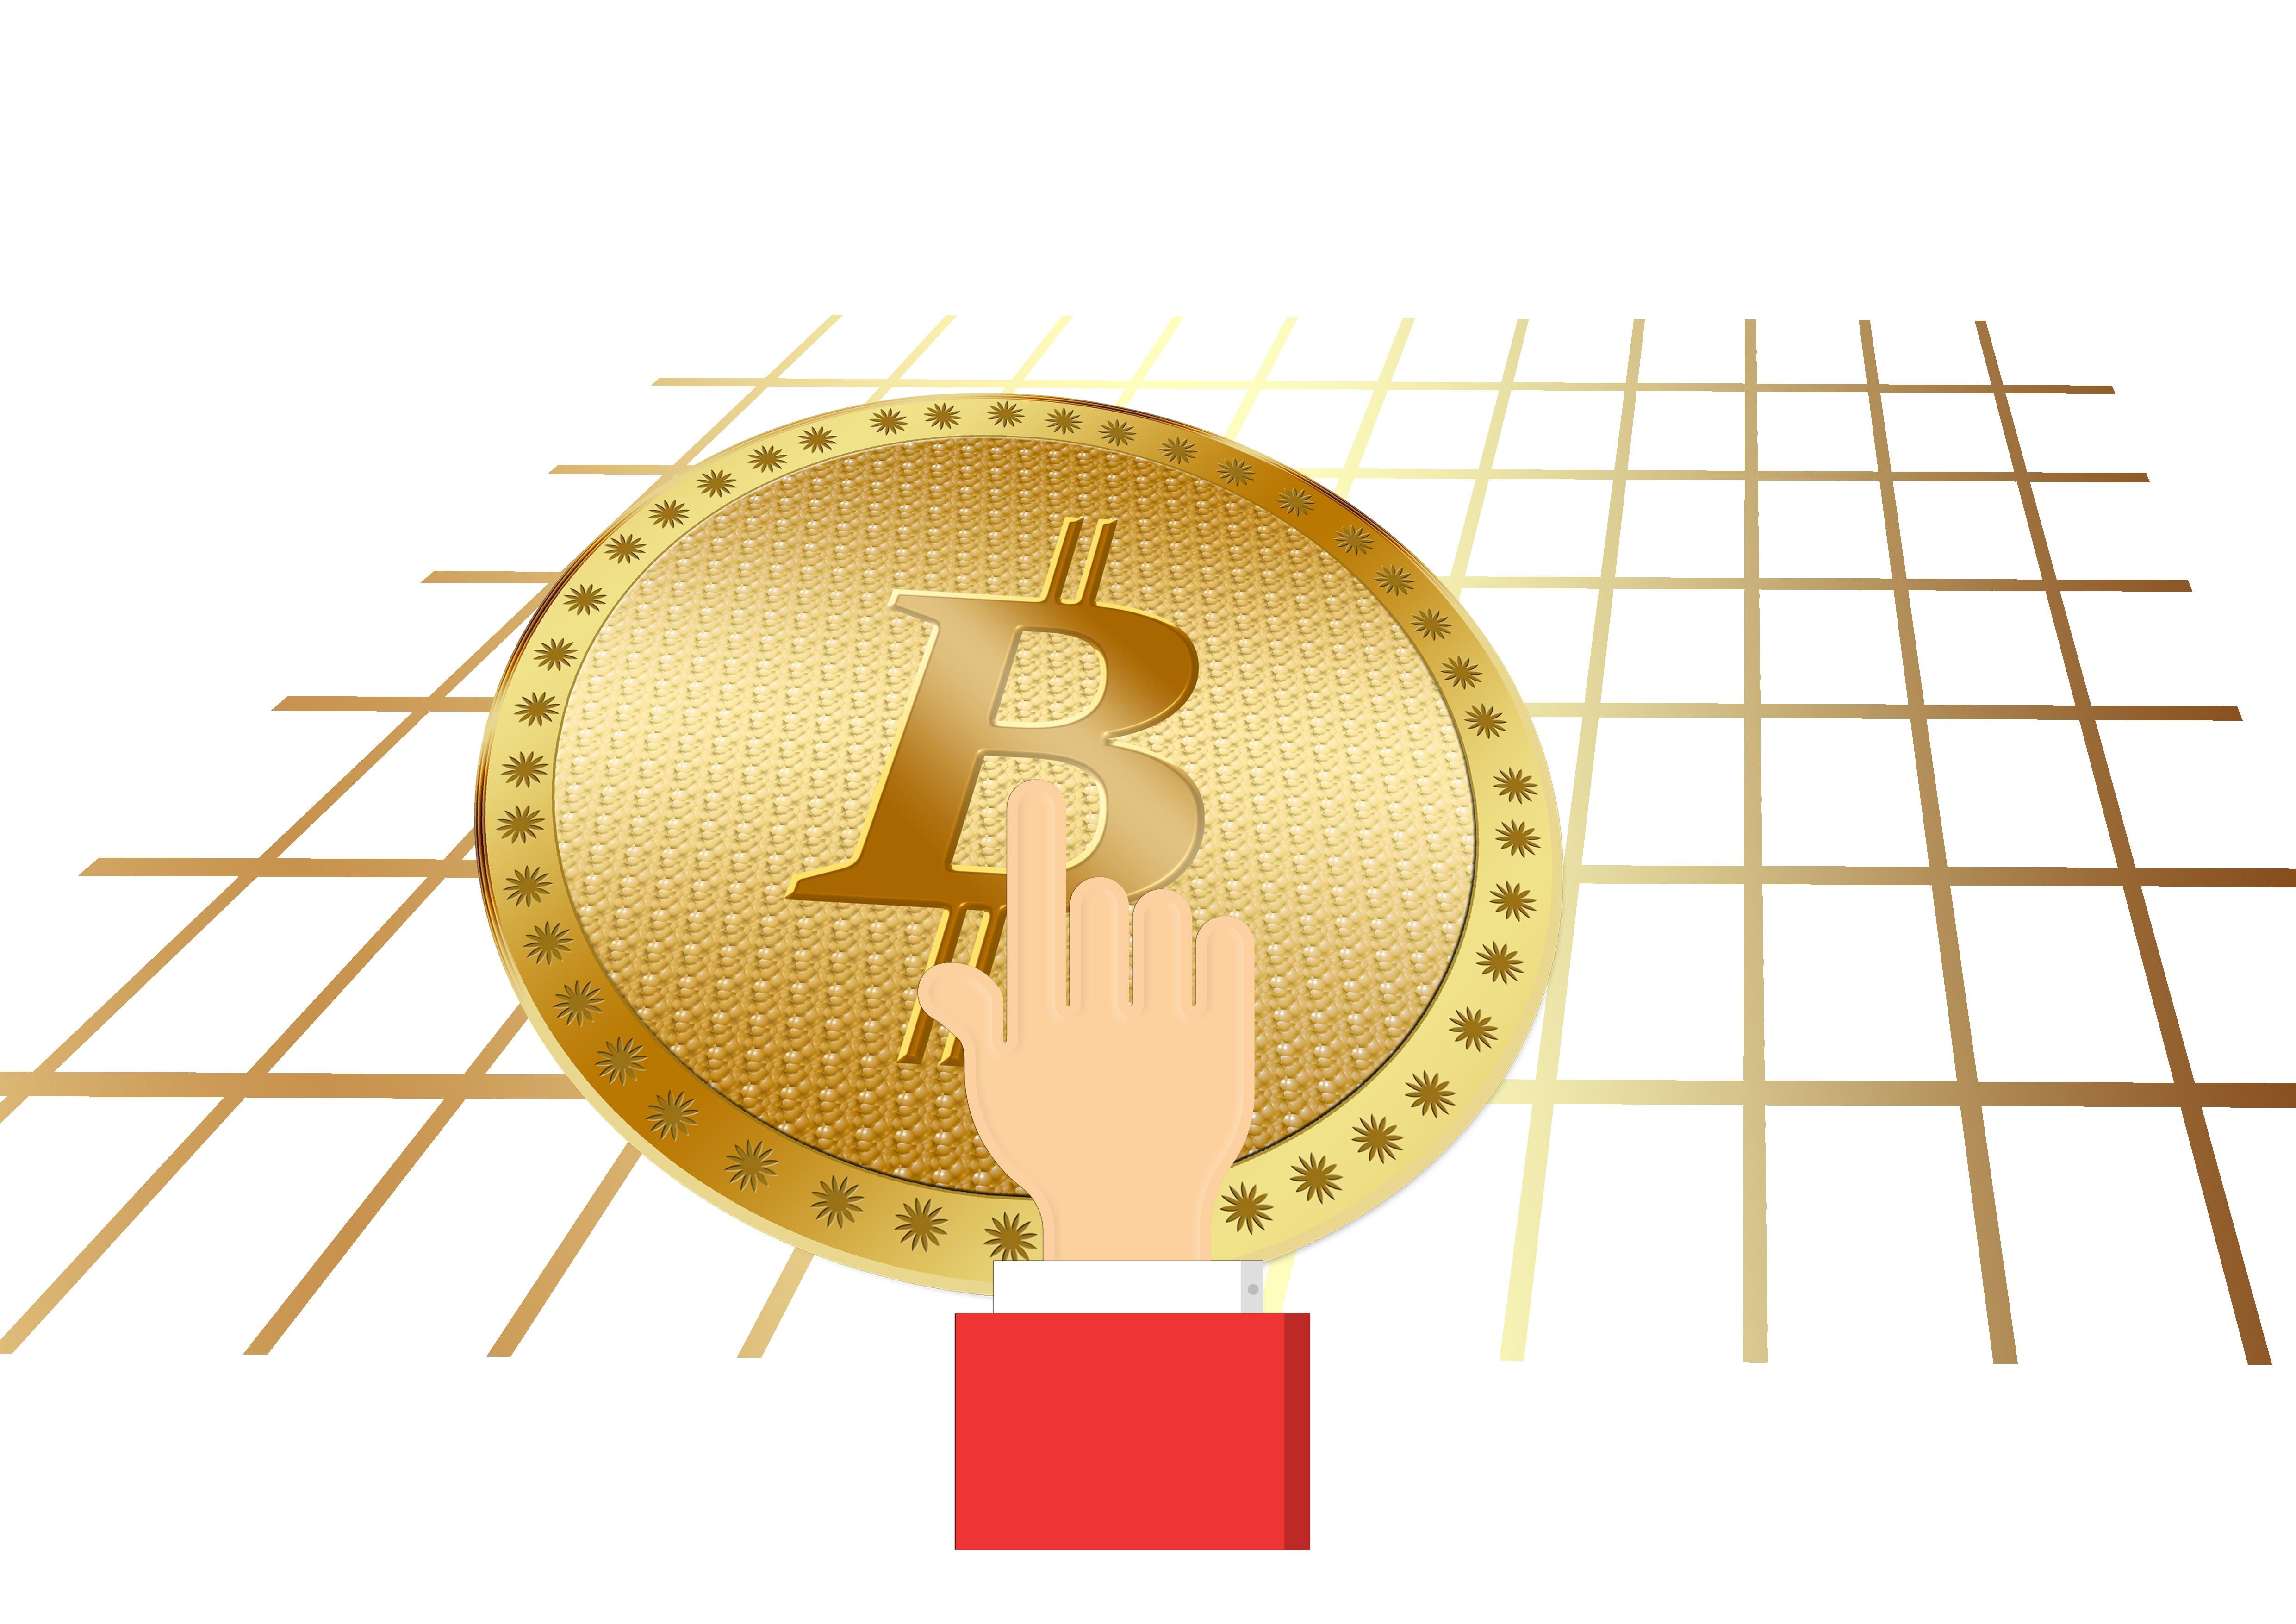 Bitcoin bianco simbolo sul cerchio colorato sfondo, acquerello disegnato a mano.